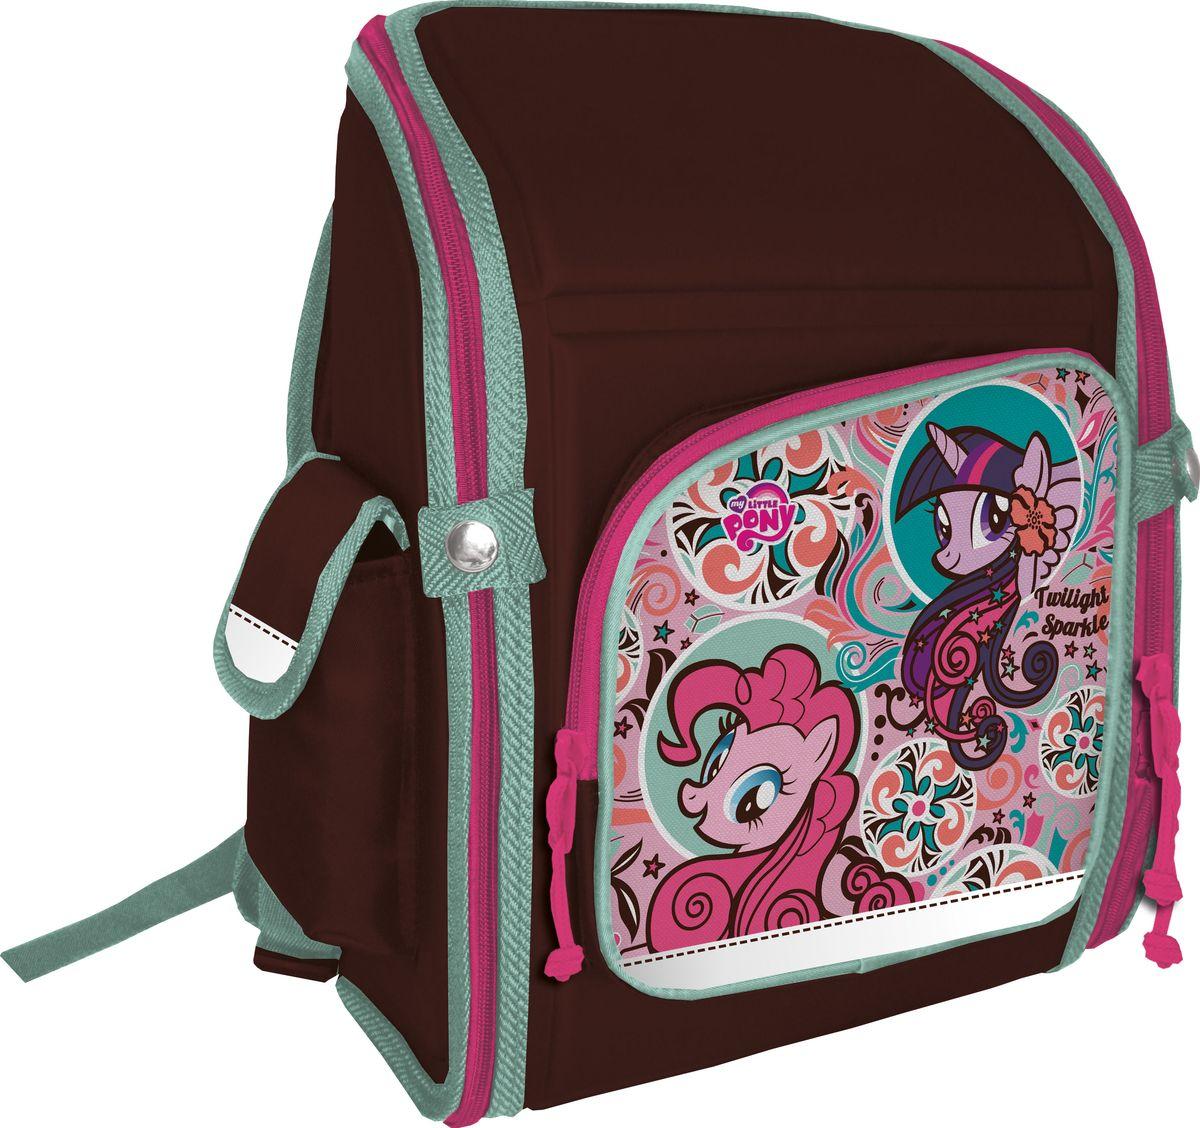 My Little Pony Рюкзак My Little PonyMPDB-MT1-118Ранец школьный, трансформер, с одним отделением на молнии,фронтальным карманом на молнии и двумя боковыми карманами; внутриотделения - два разделителя с утягивающей резинкой; корпус рюкзака,спинка, дно и крышка выполнены из EVA; лямки анатомической формы,регулируются по длине; для безопасности рюкзак снабженсветоотражающими элементами. Размер: 34,5 х 26 х 13 см.